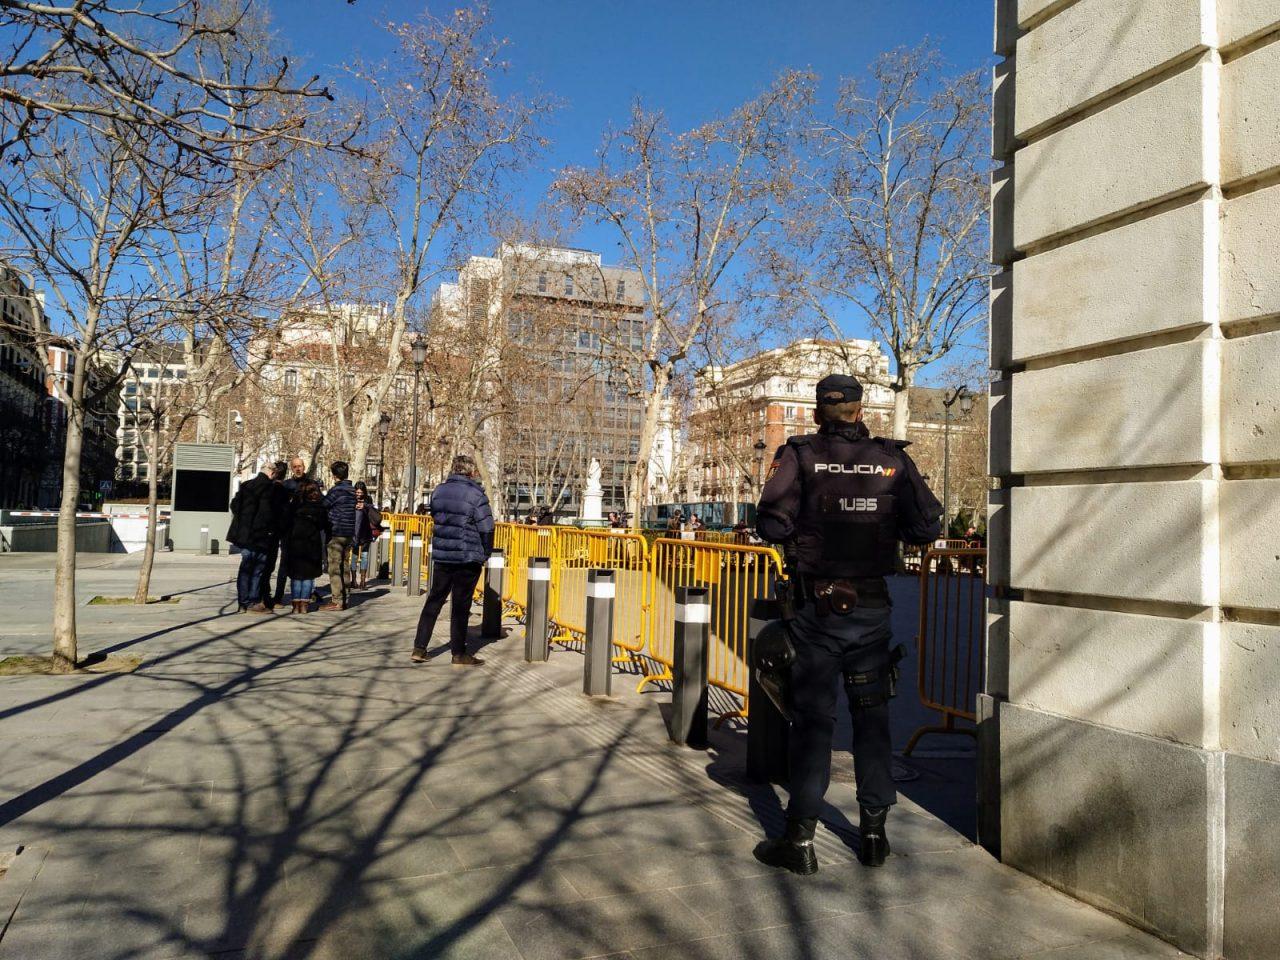 policia-1280x960.jpg